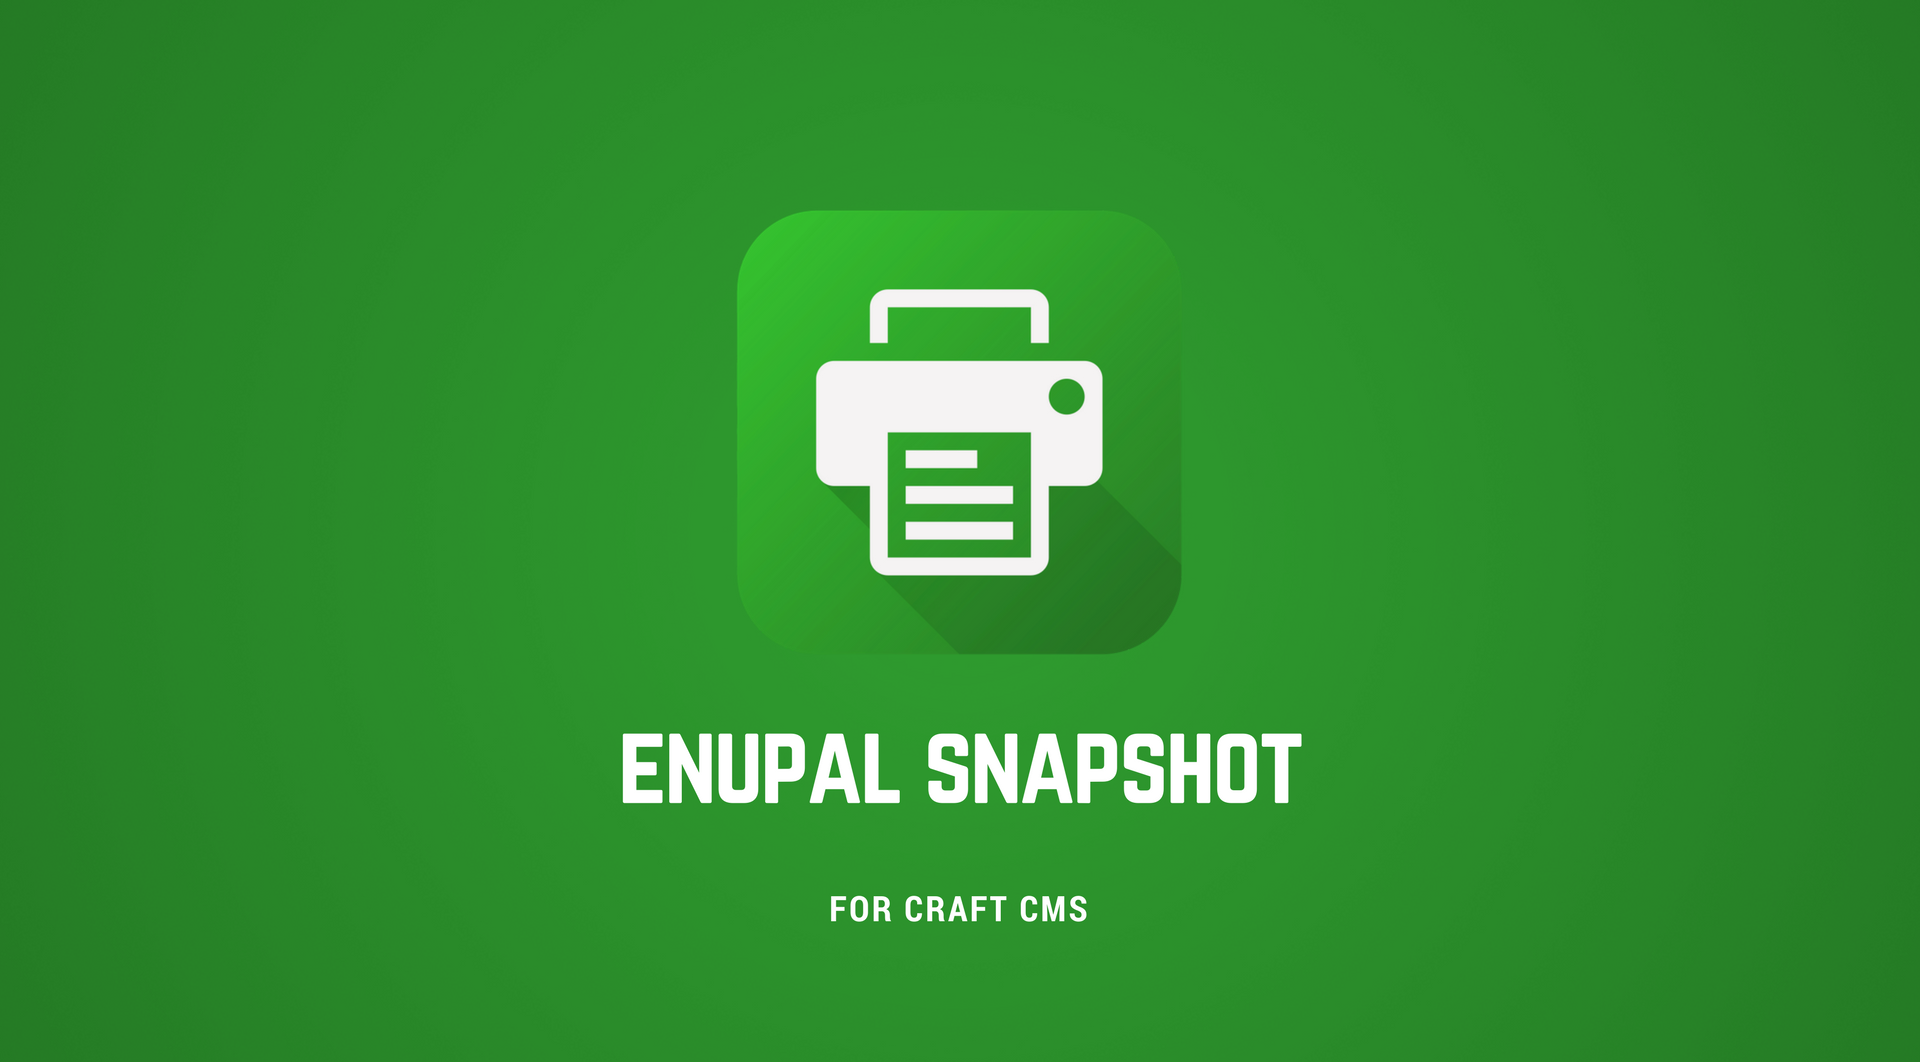 Enupal Snapshot